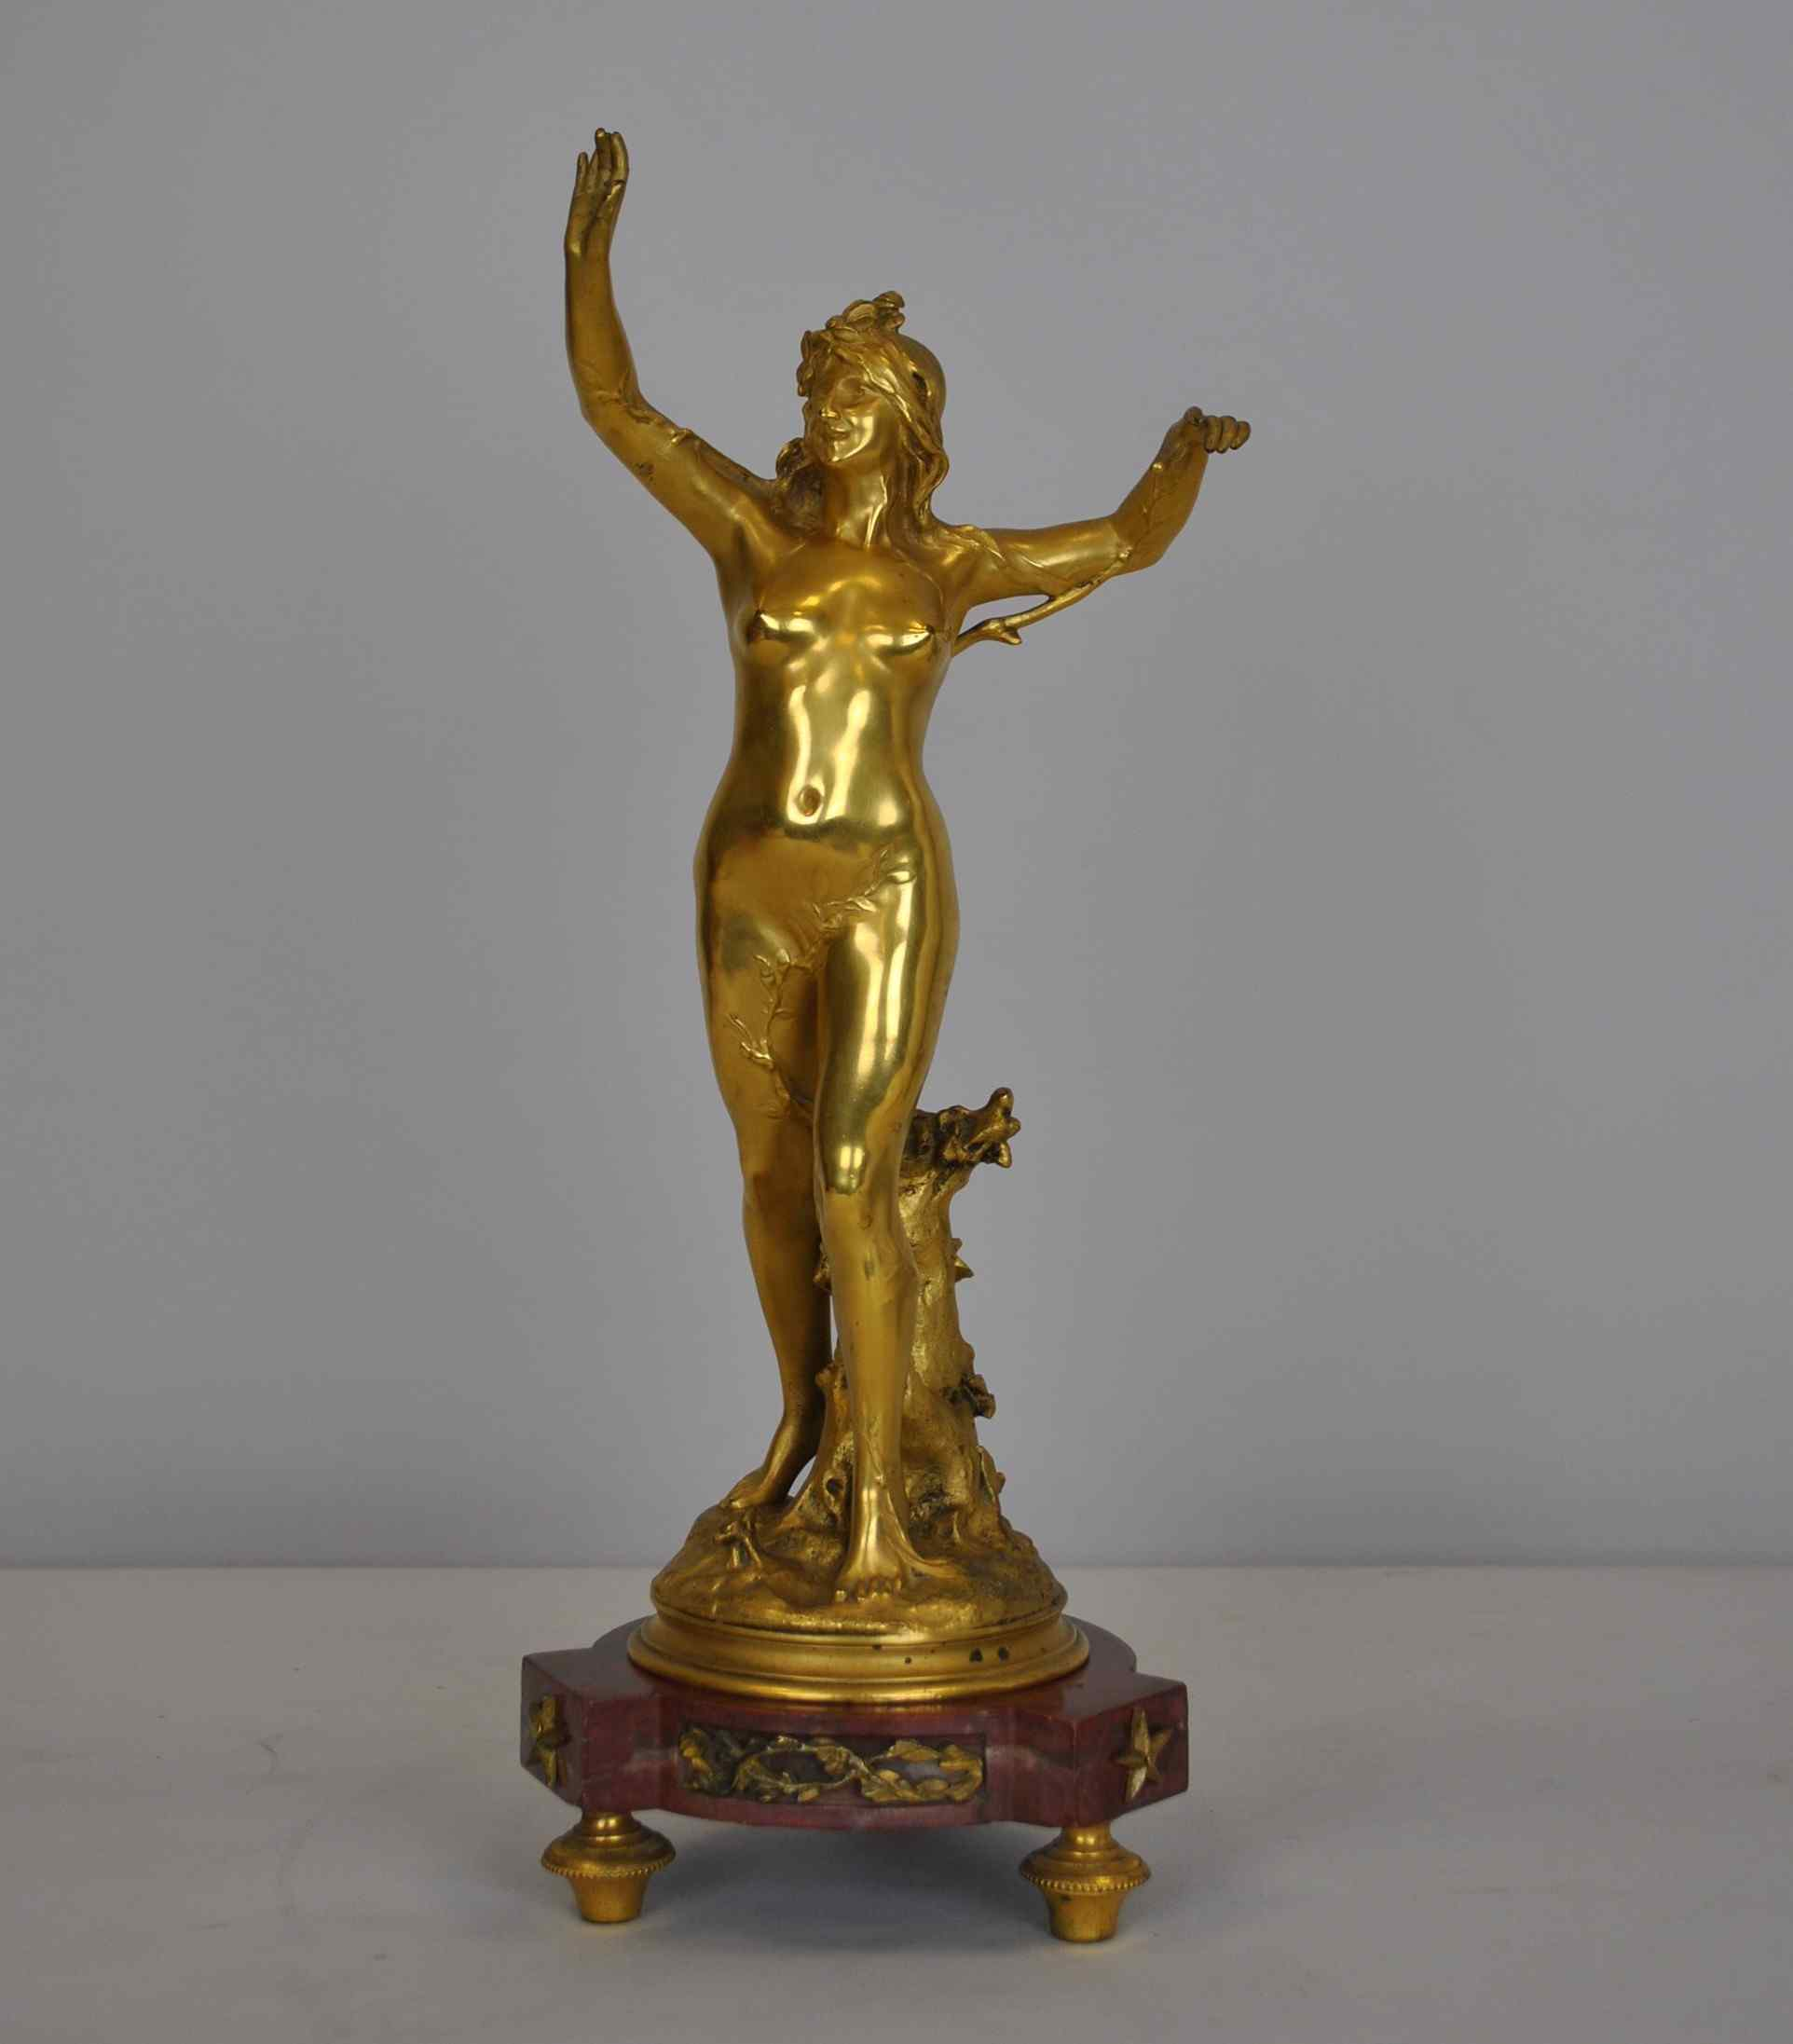 Raoul Larche, La linfa, firmata in bronzo dorato, XIX